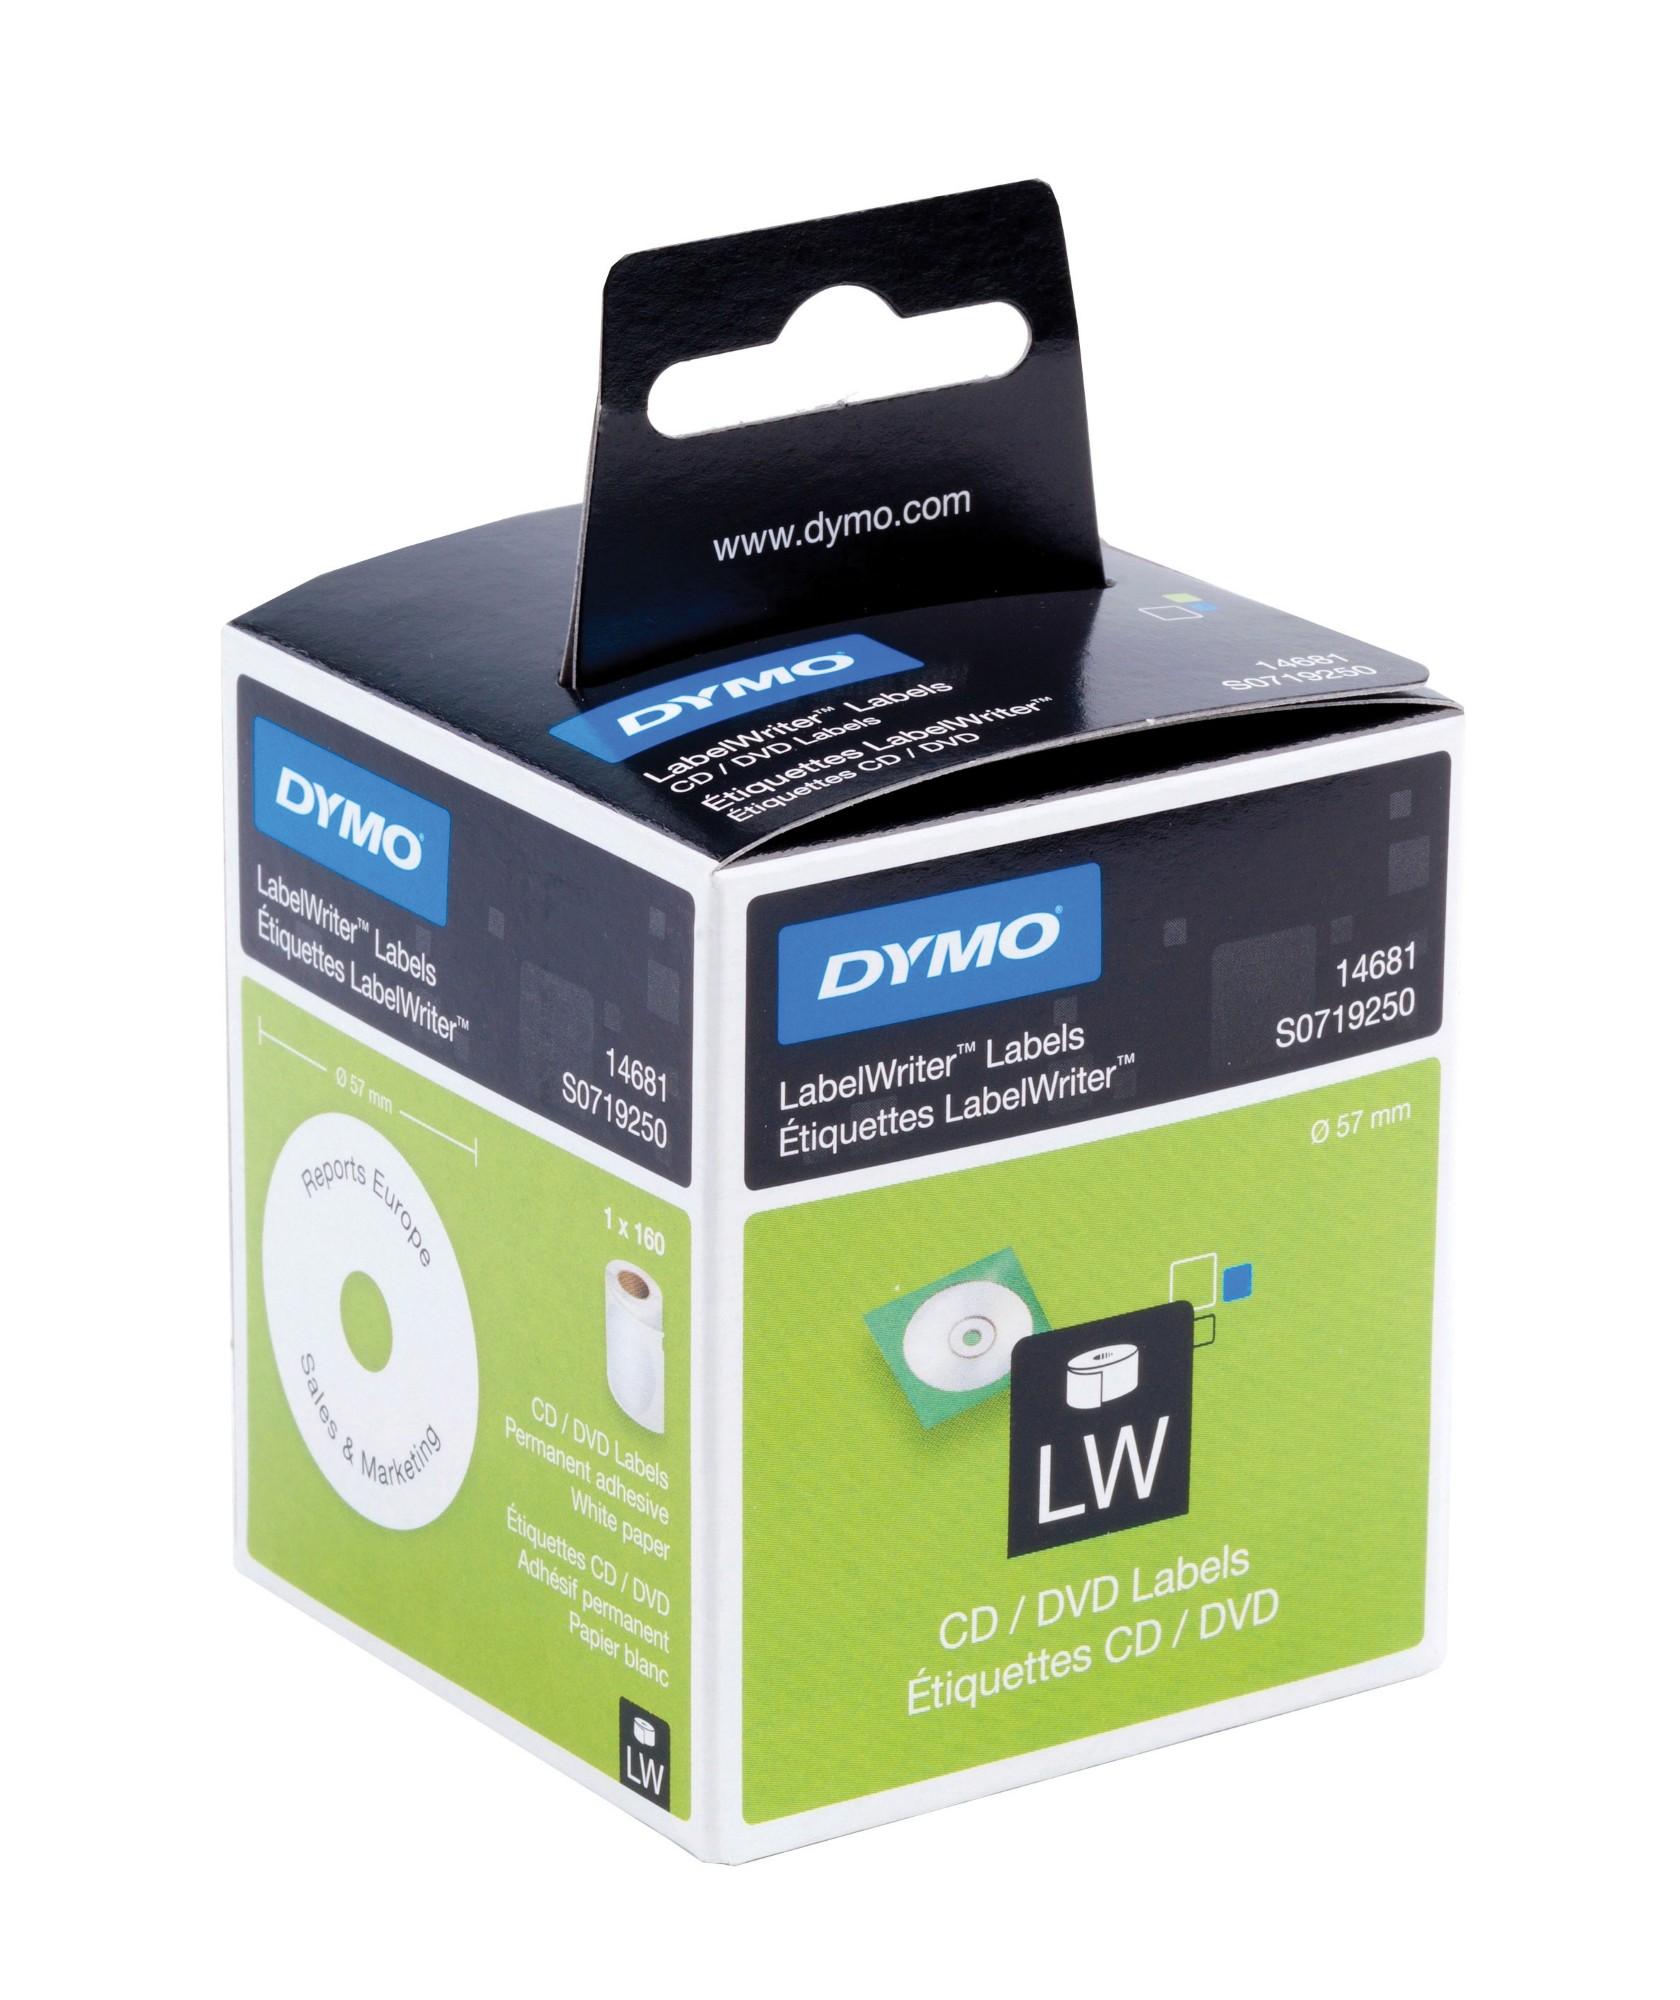 DYMO CD/DVD, Paper/White 57mm Diameter, 1 Roll/Box, 160 Labels/Roll